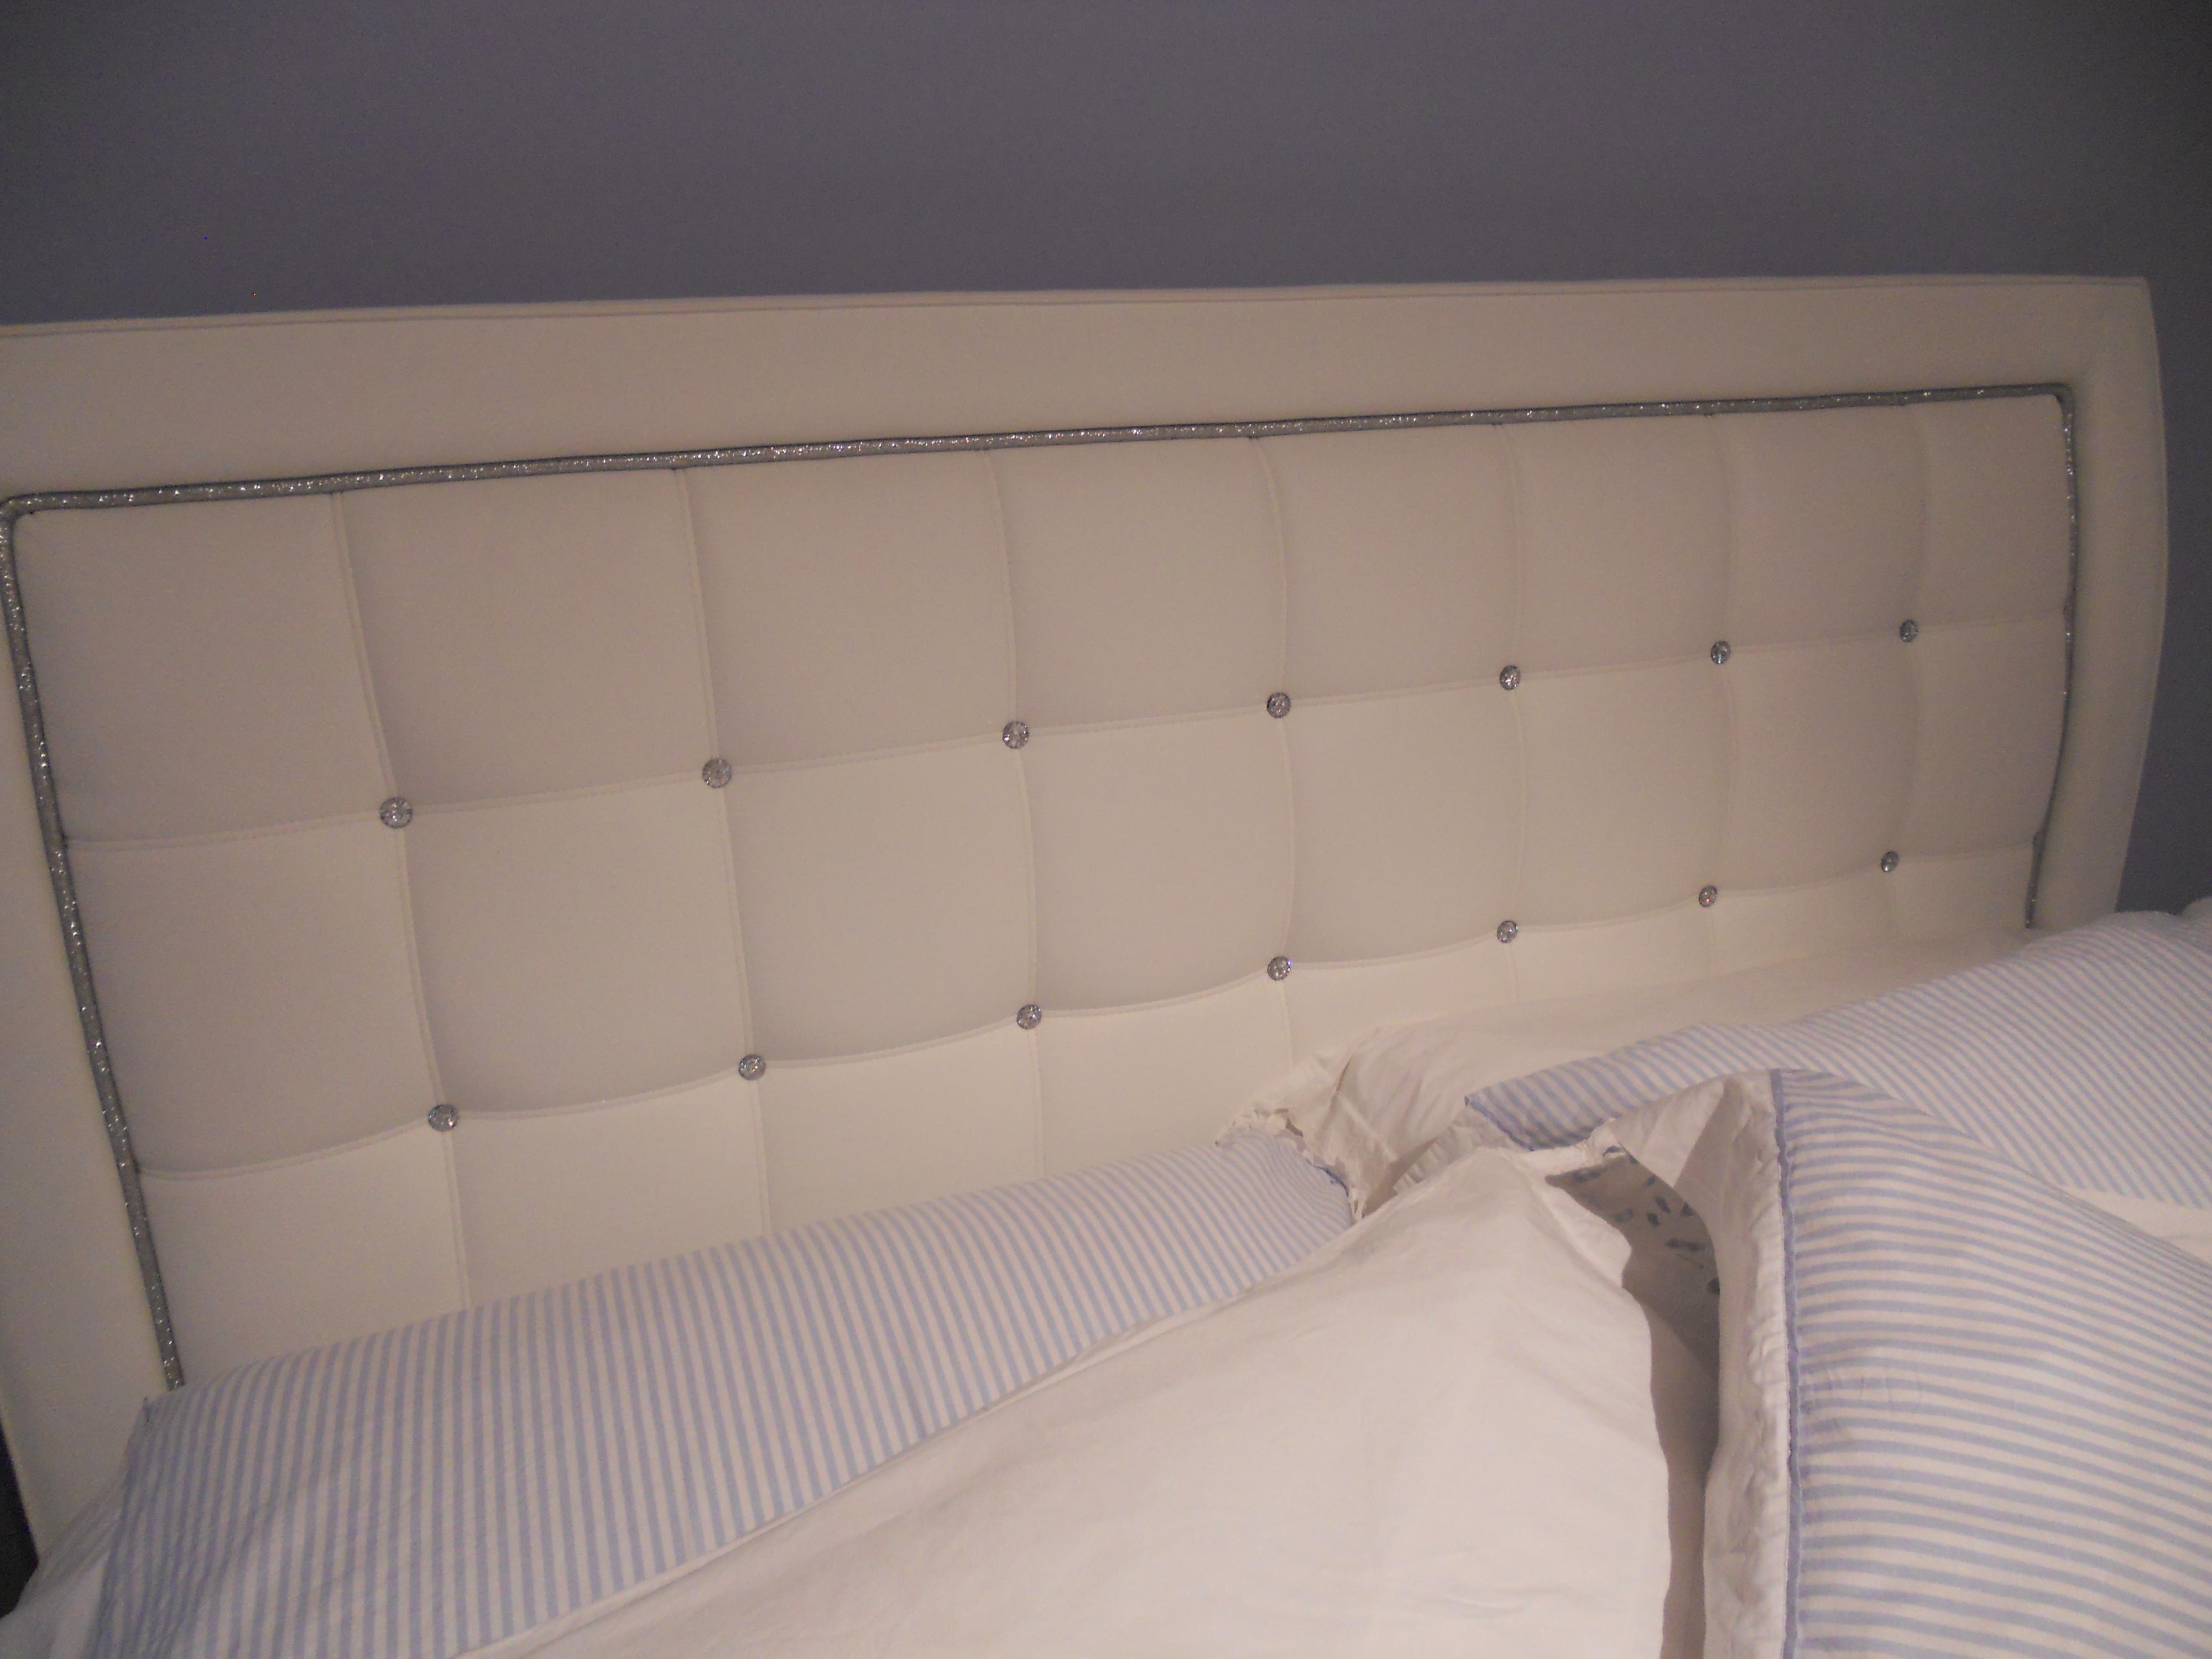 Camera da letto in offerta camere a prezzi scontati for Camera letto offerta